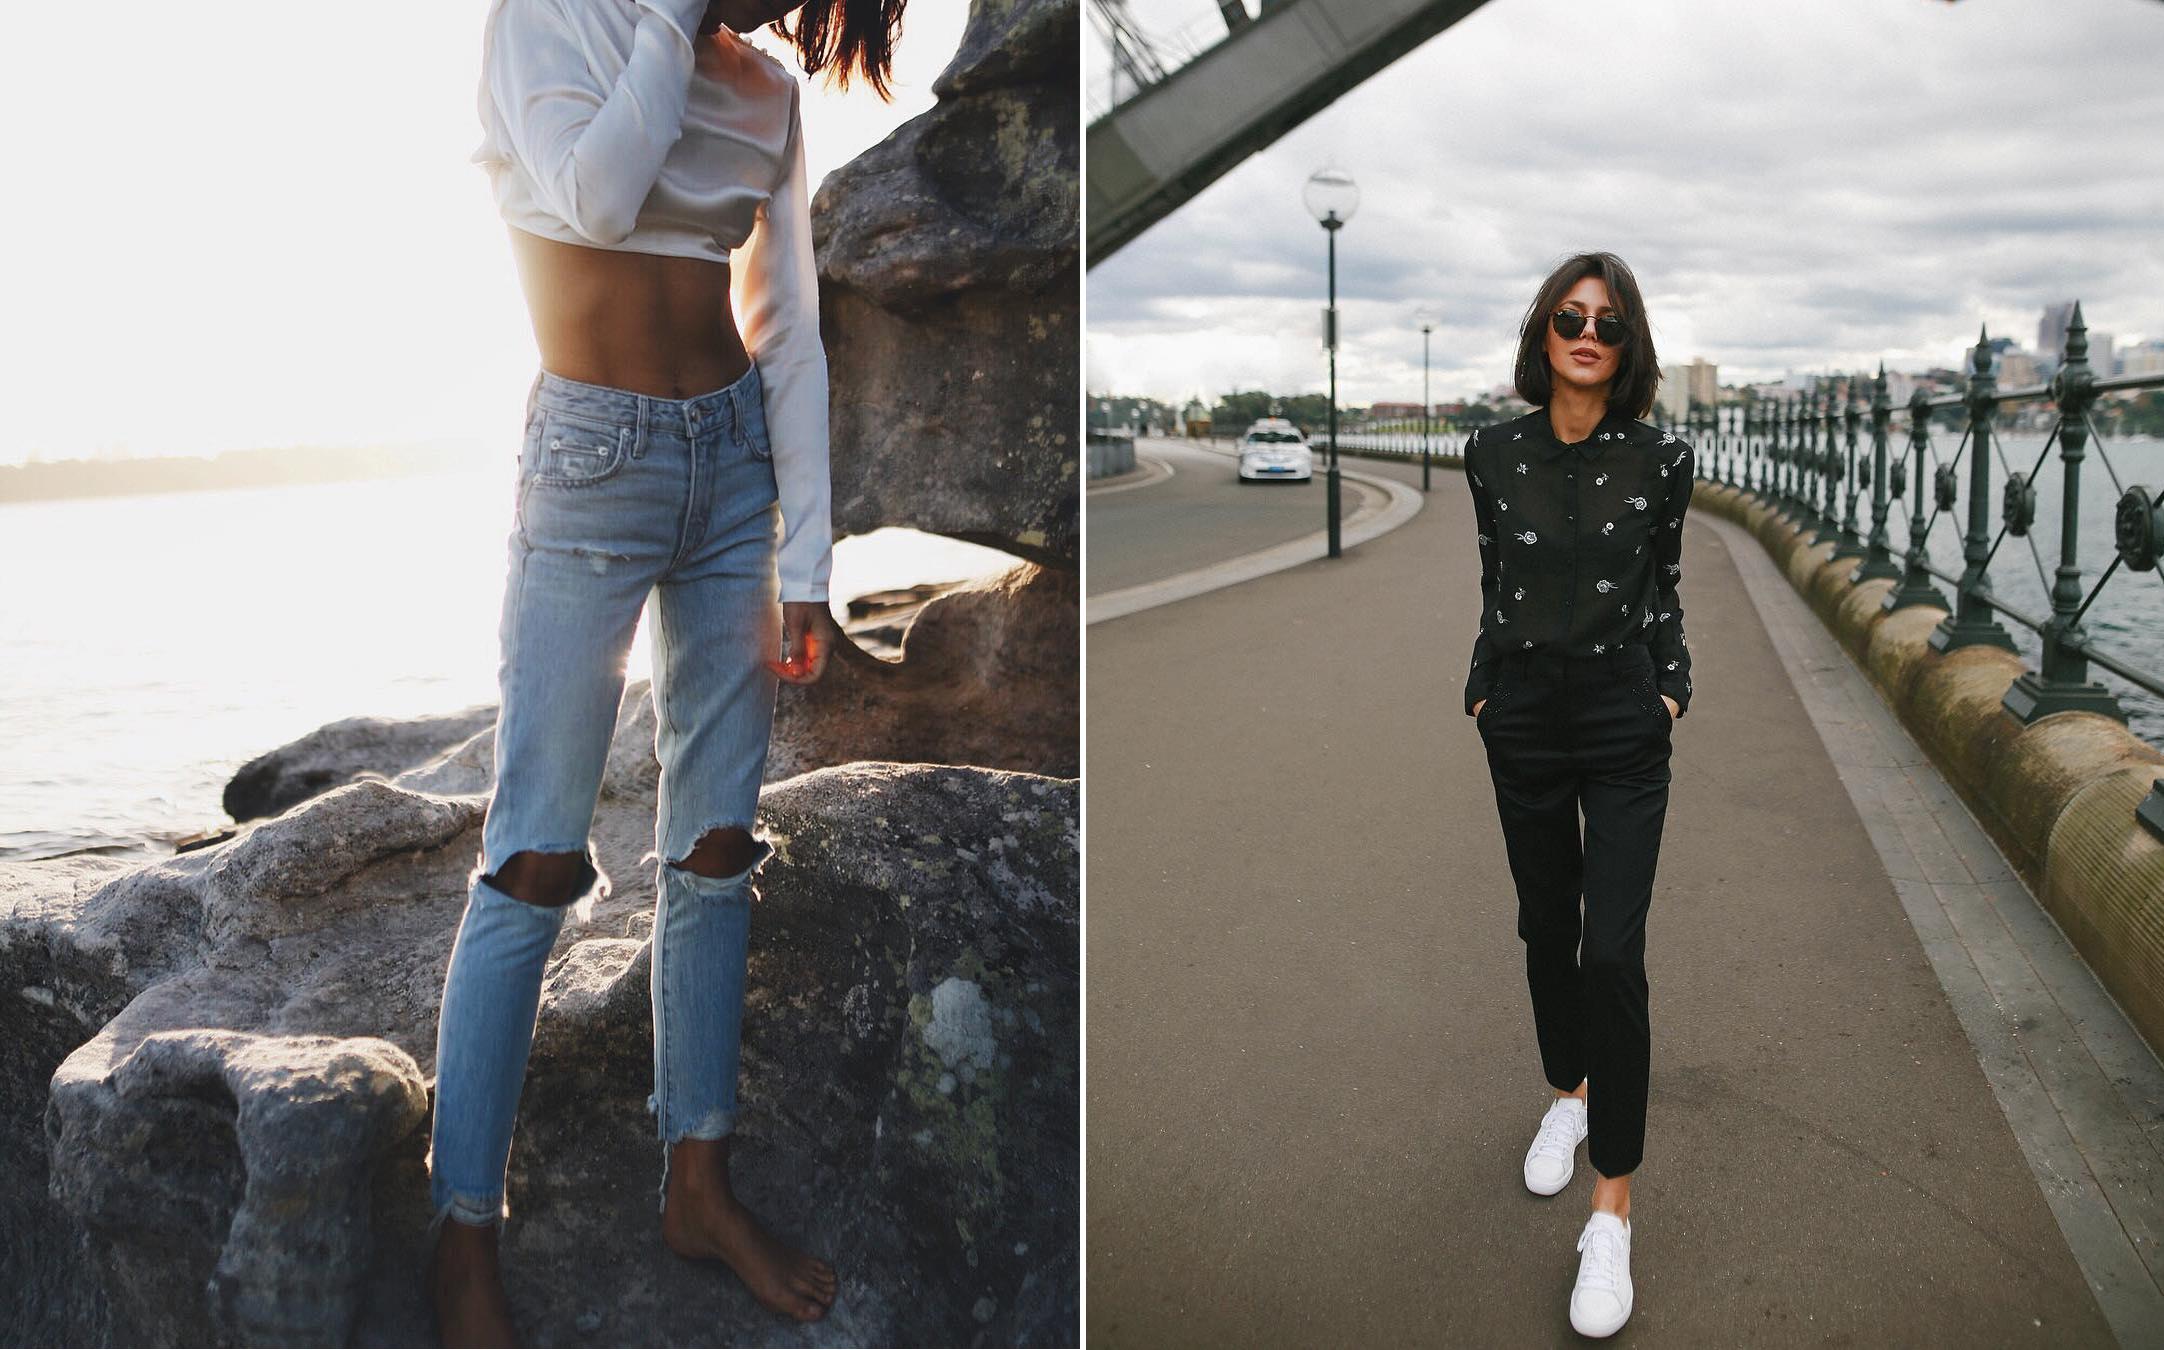 10 úžasných instagramových účtů blogerek z celého světa. Od těchto žen čerpáme inspiraci i my na našem webu